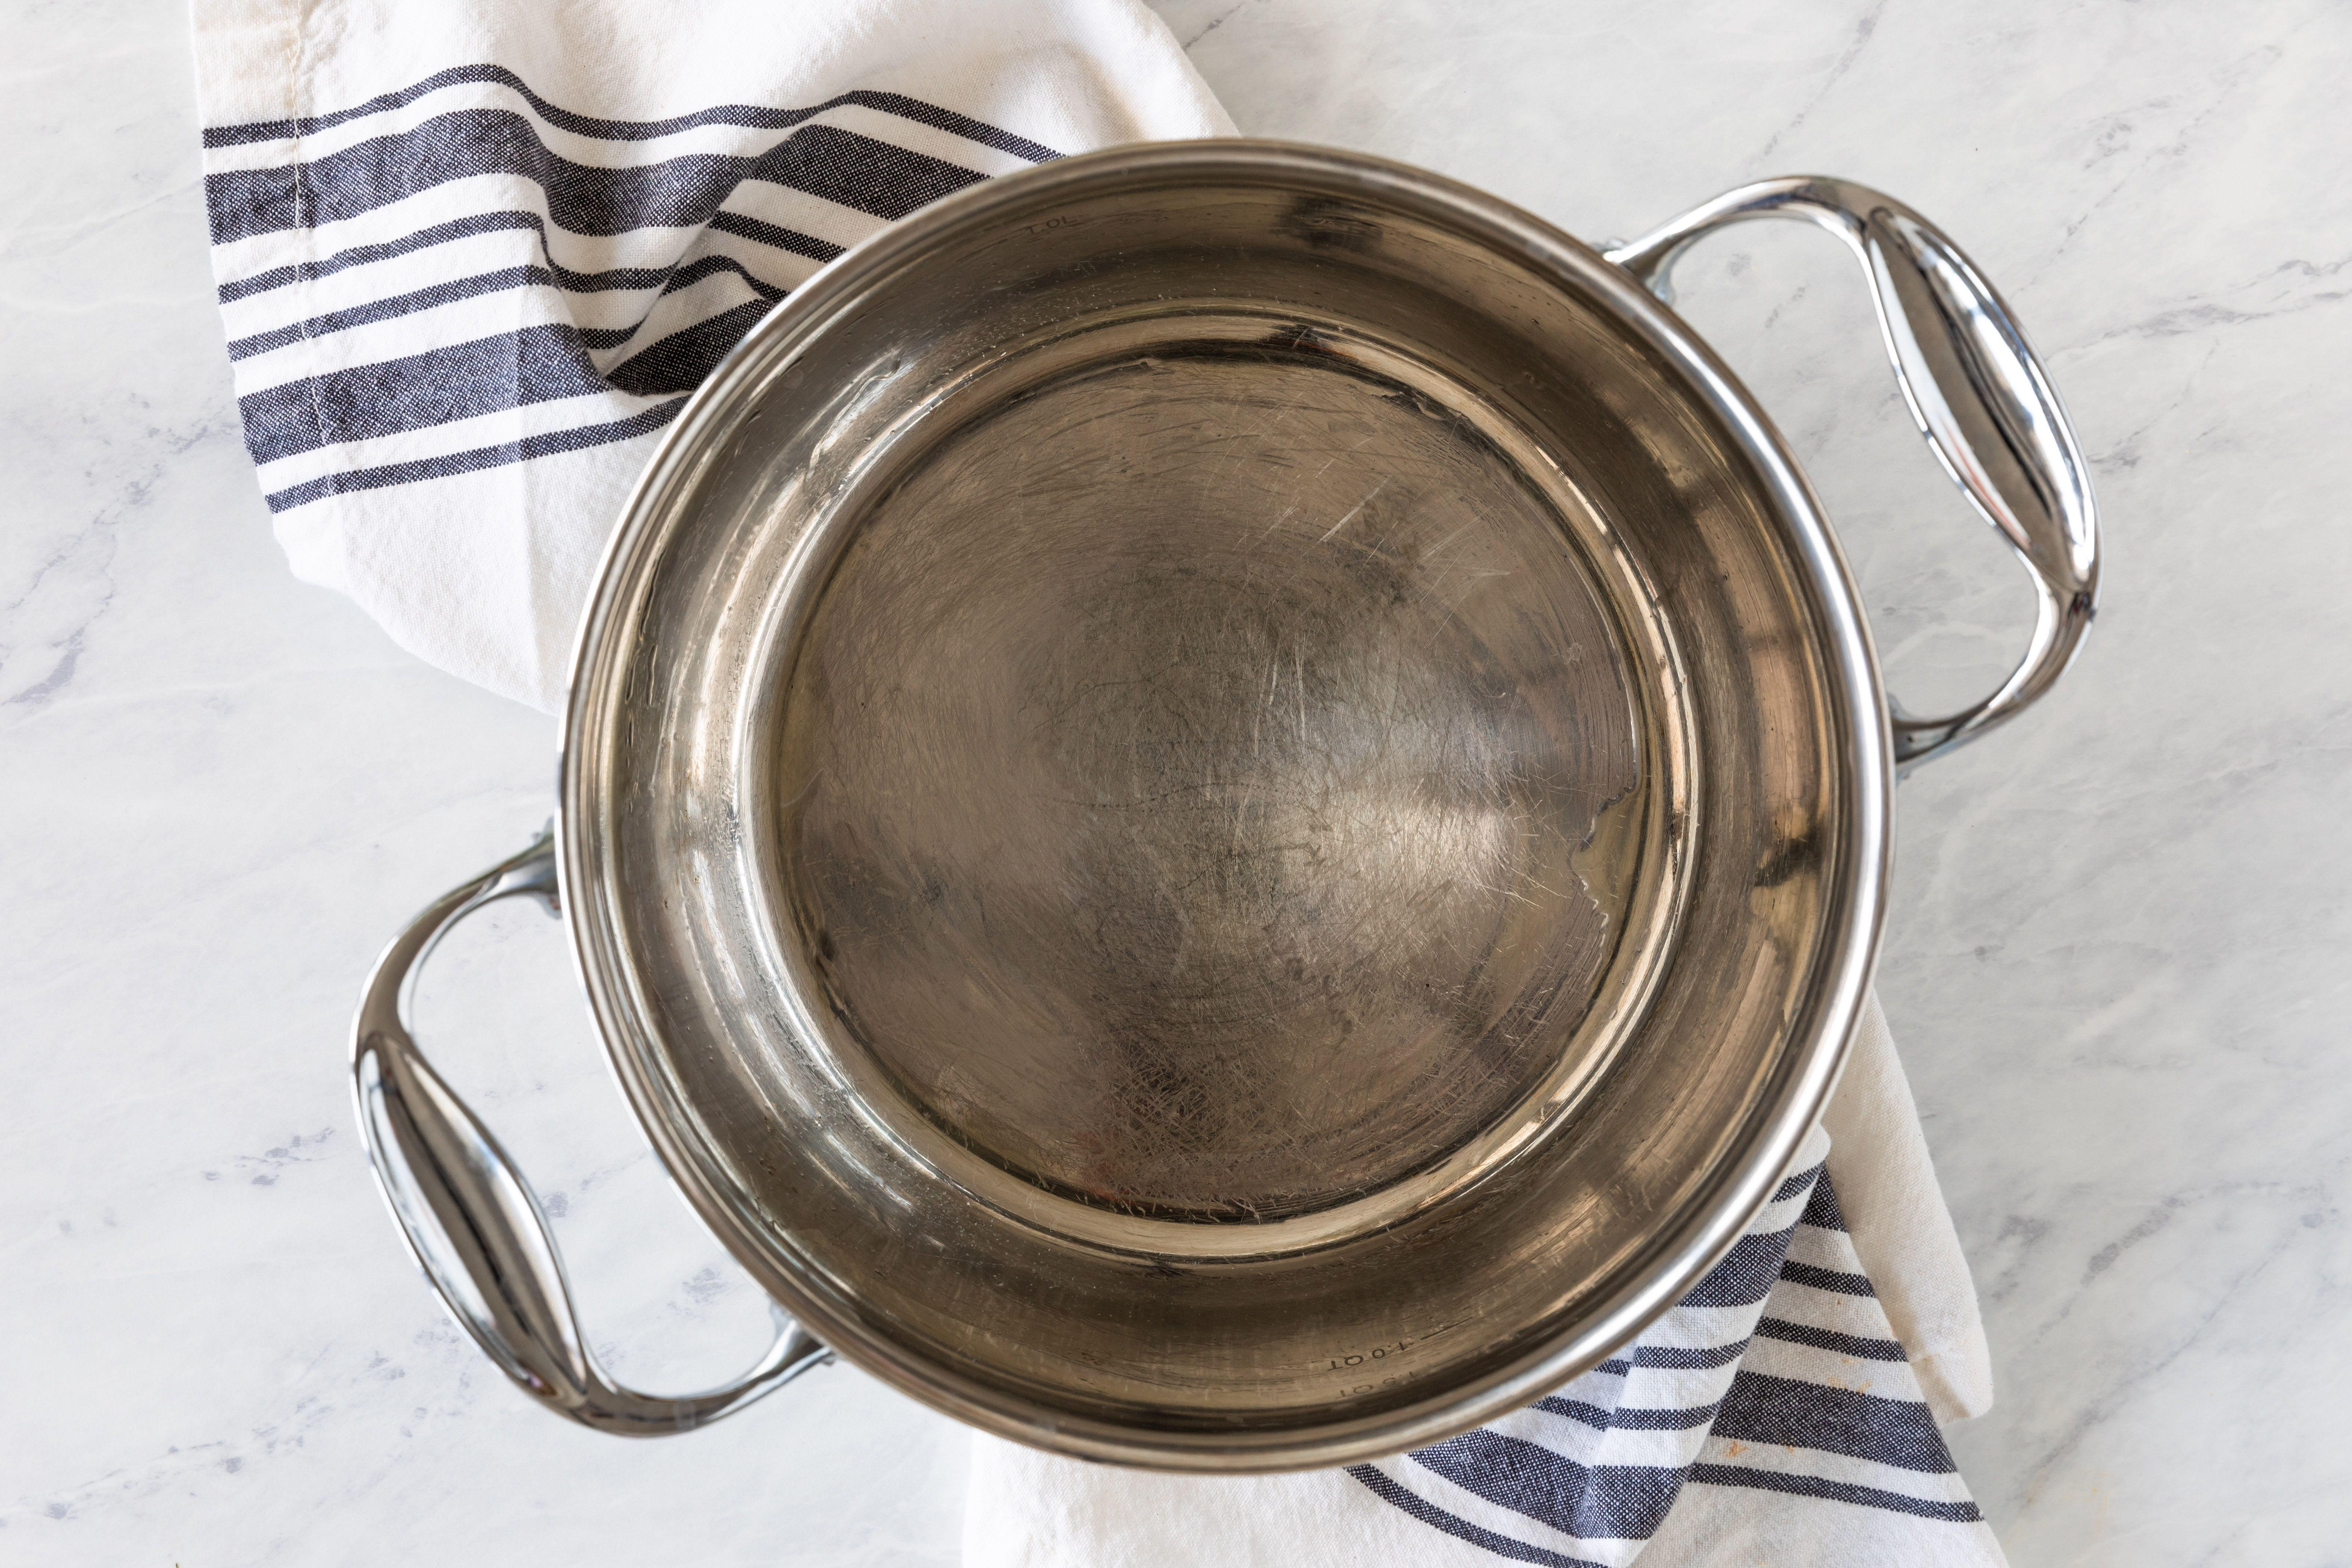 spray 4-quart saucepan with non-stick cooking spray